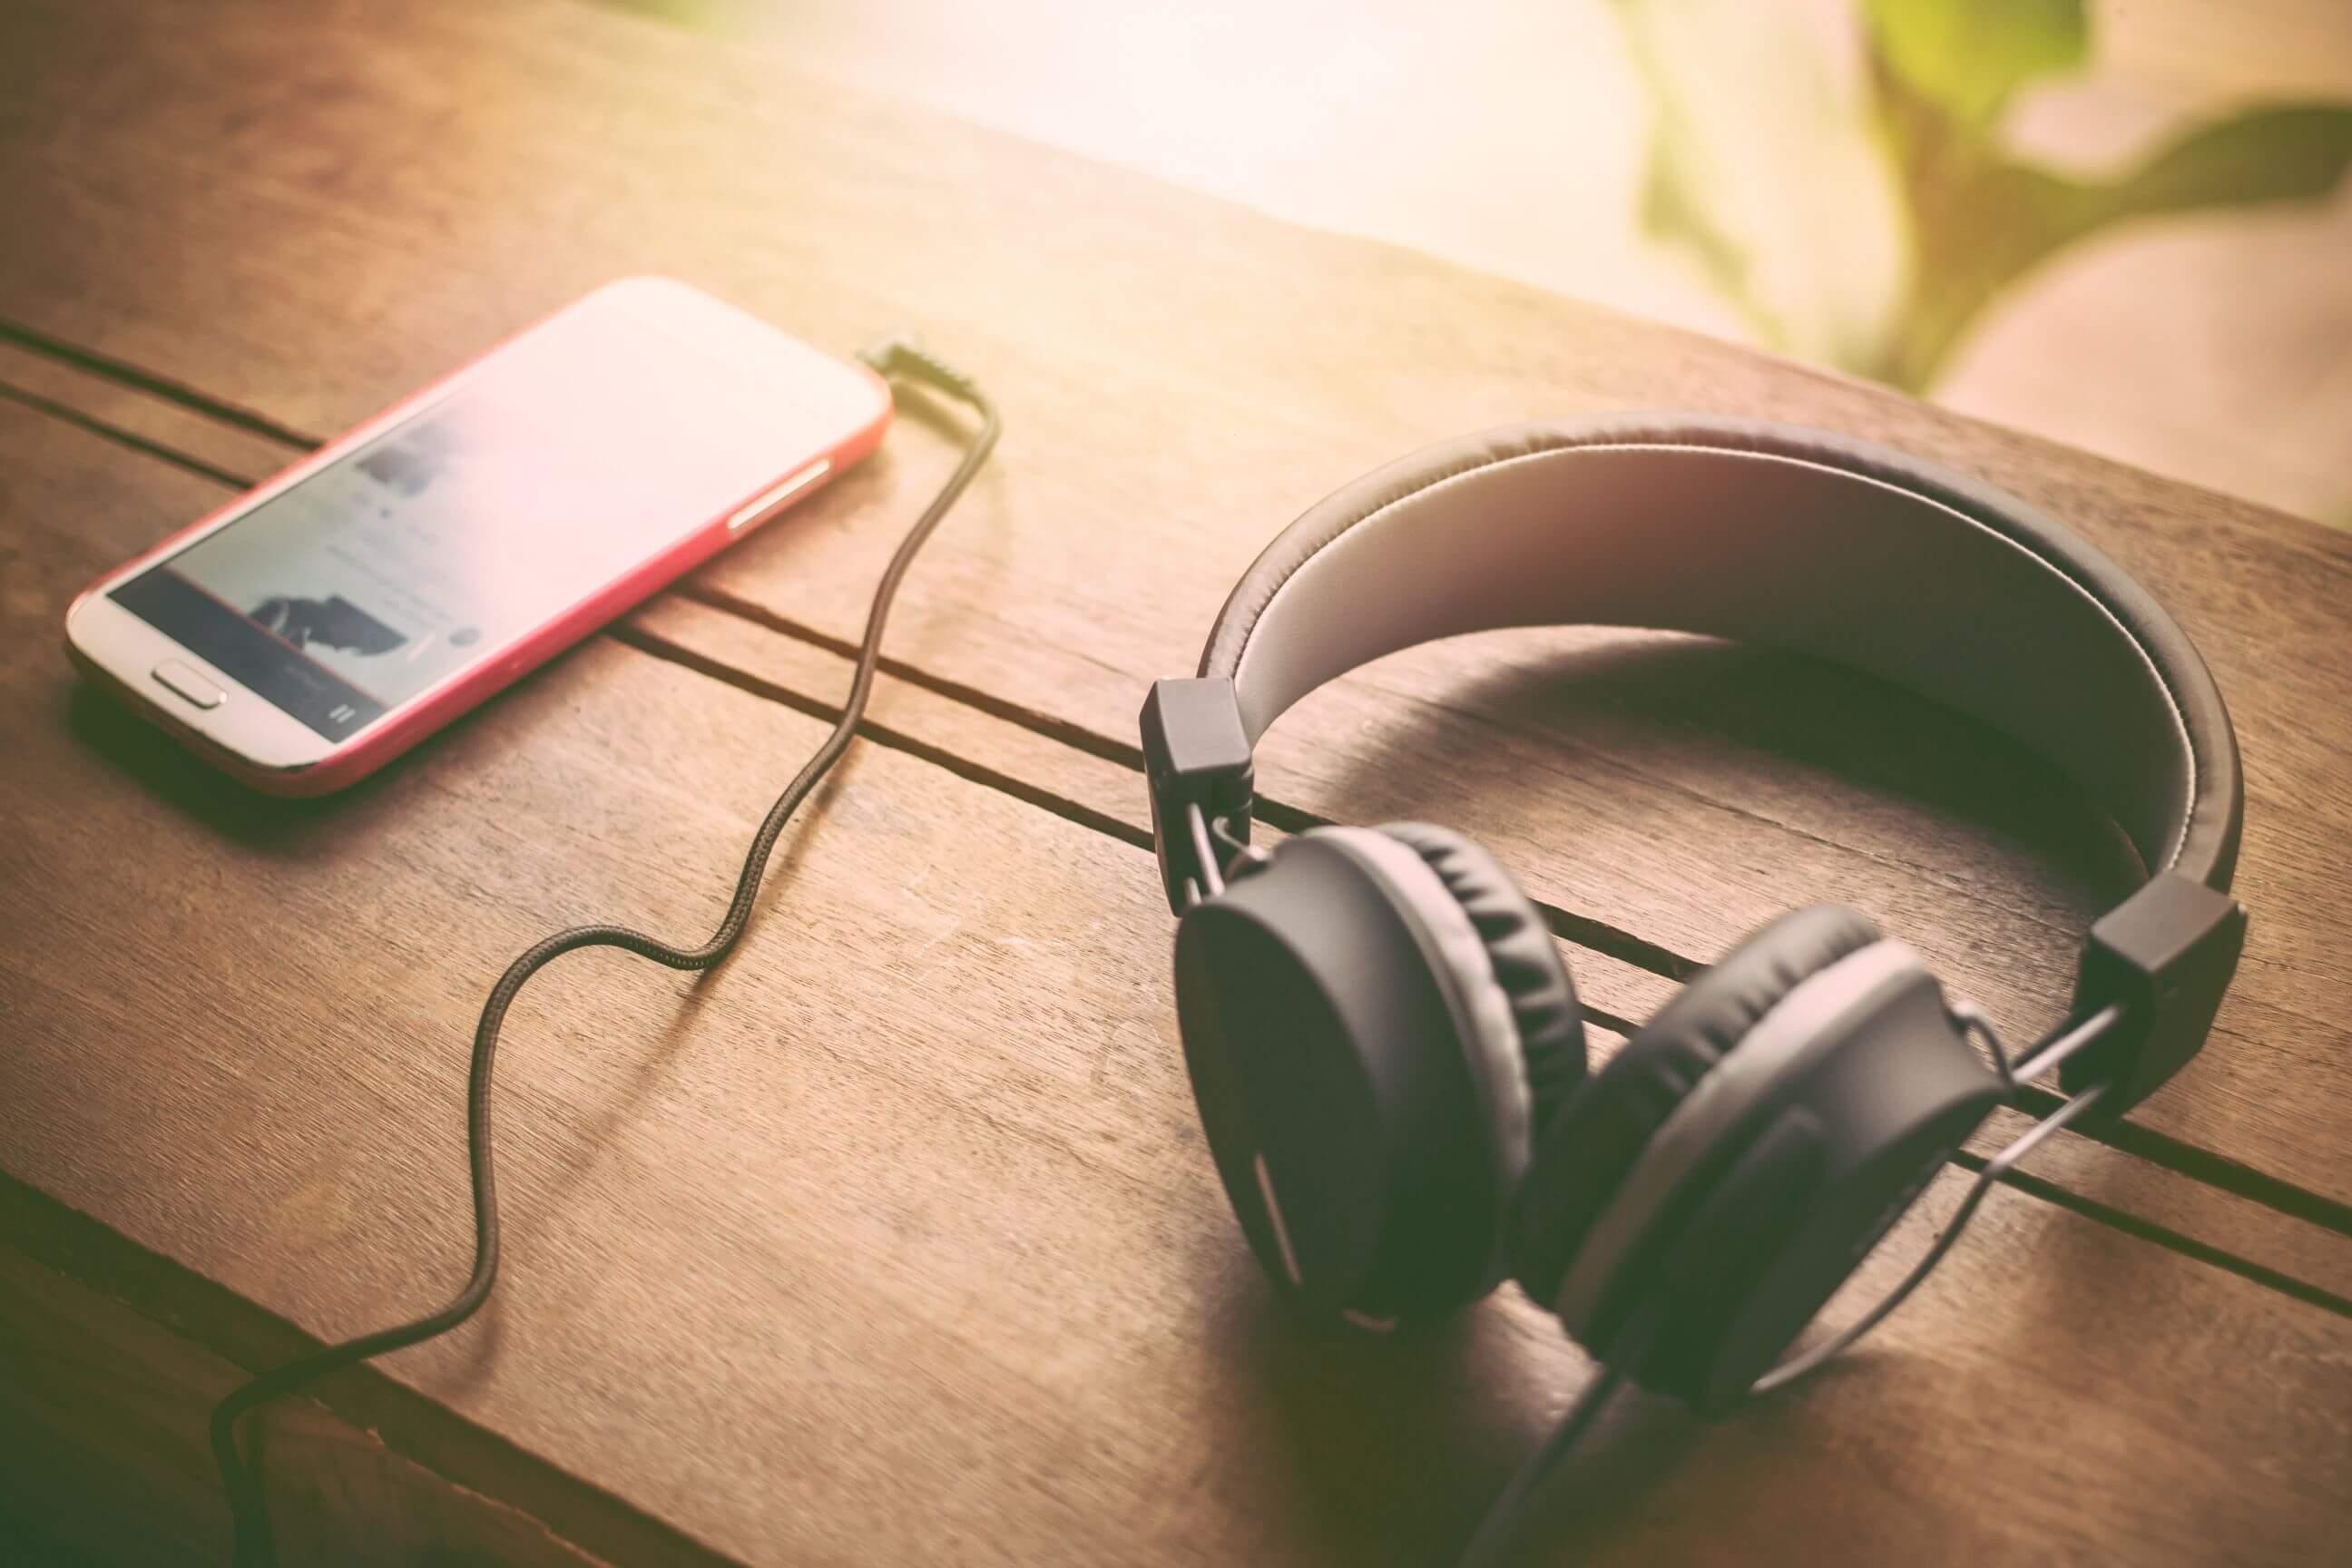 店舗でBGMを流すなら?定額制音楽配信サービス5社を徹底比較!